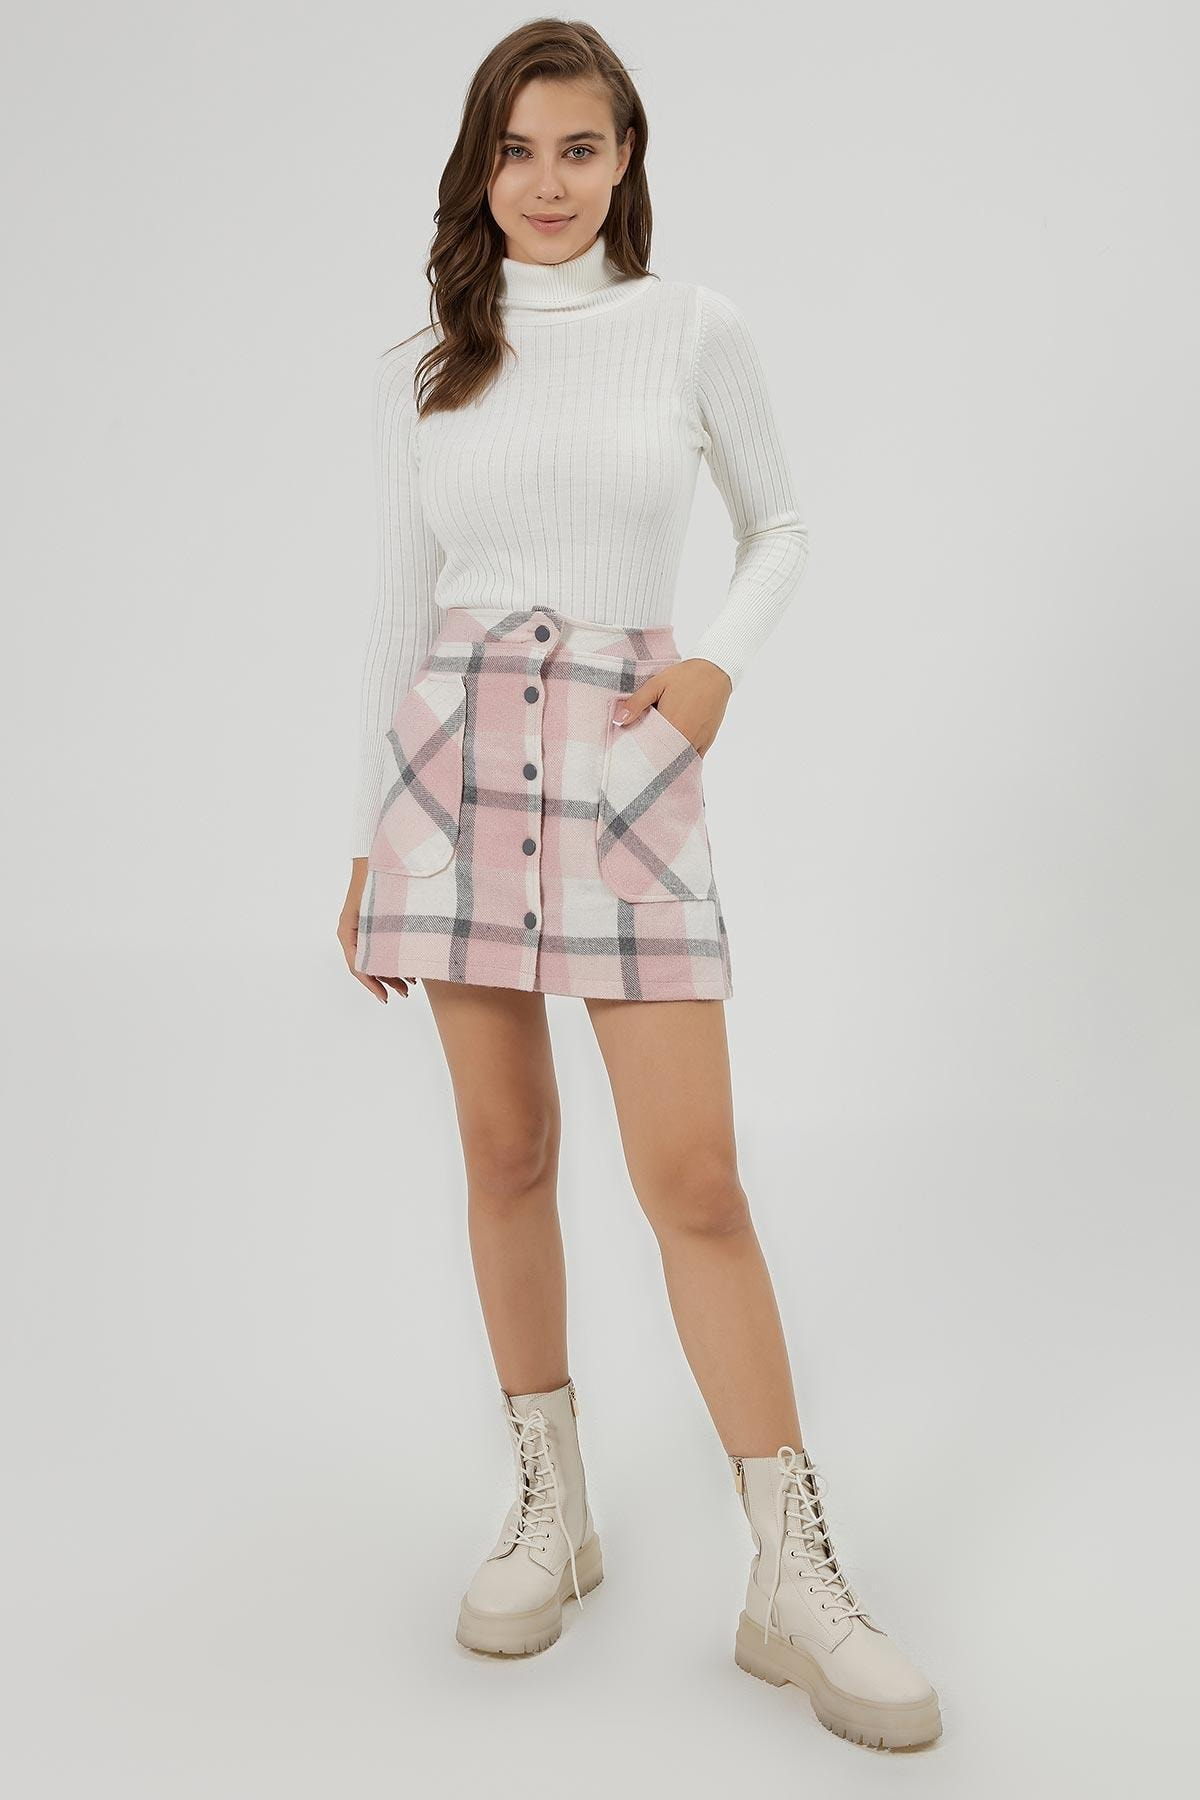 Y-London Kadın Pembe Beyaz Ekoseli Cep Detaylı Mini Etek Y20W166-4018 2